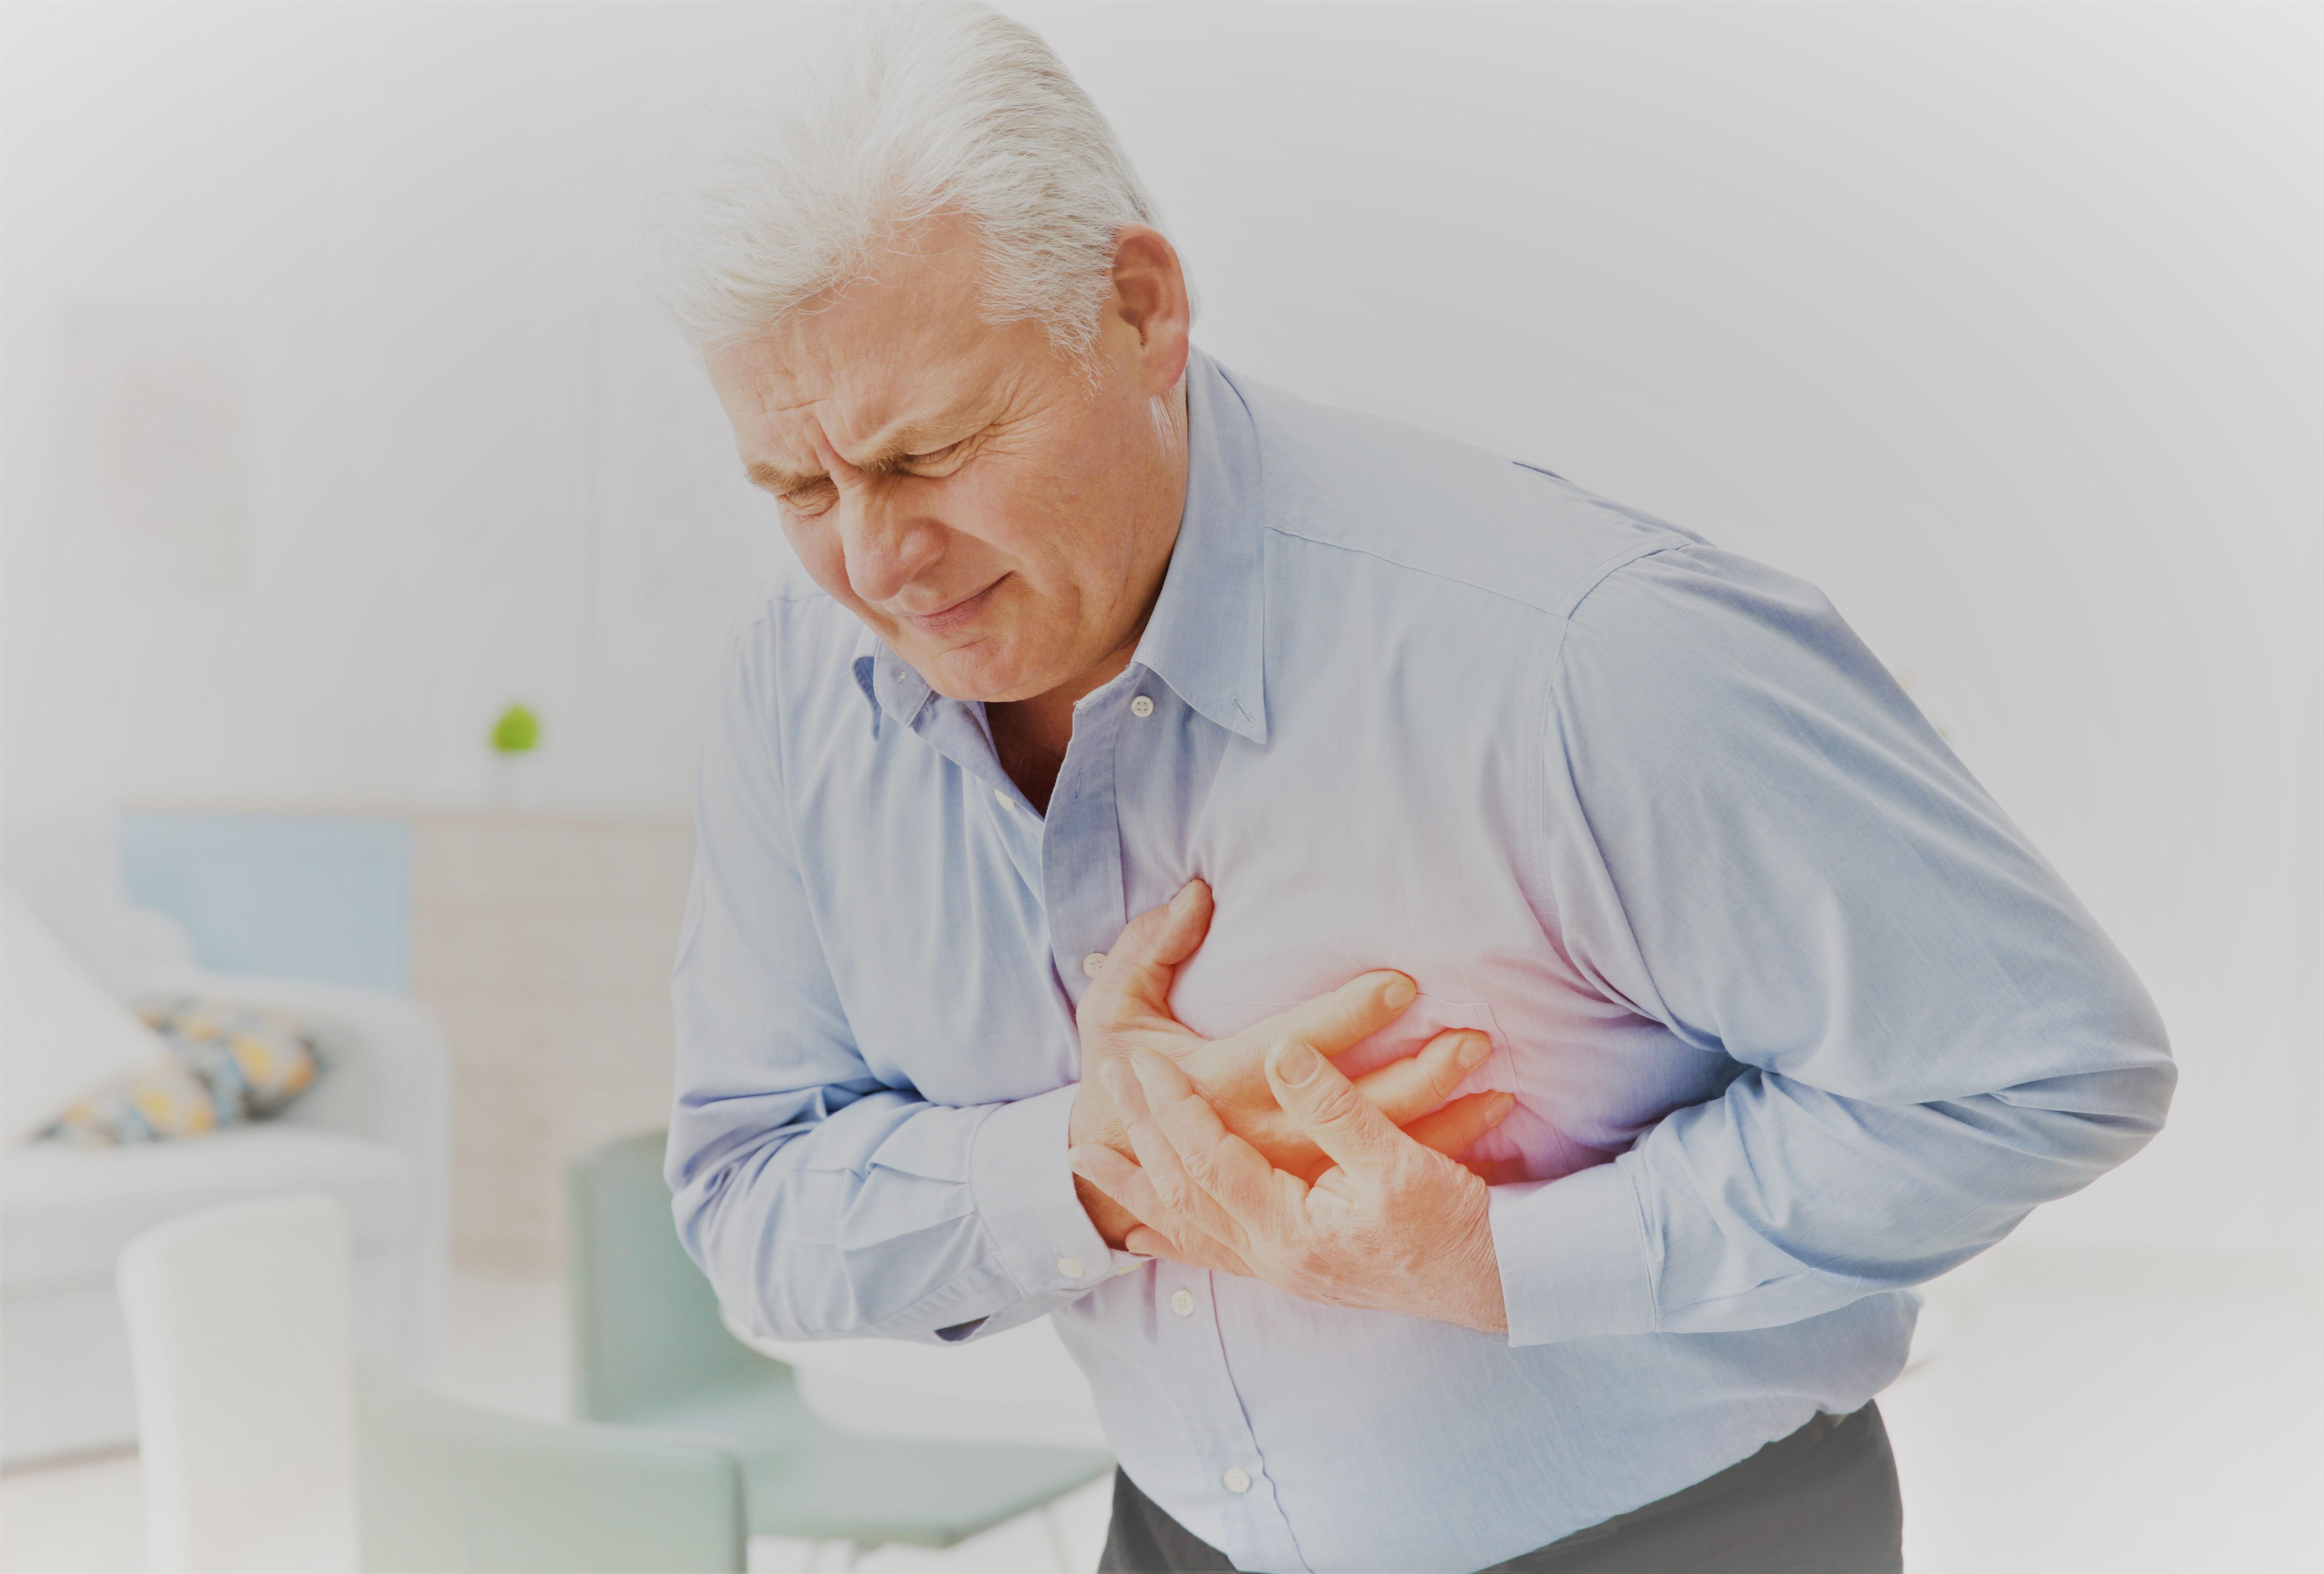 az emberi ízületek fájnak ízületi fájdalommal számol a vér